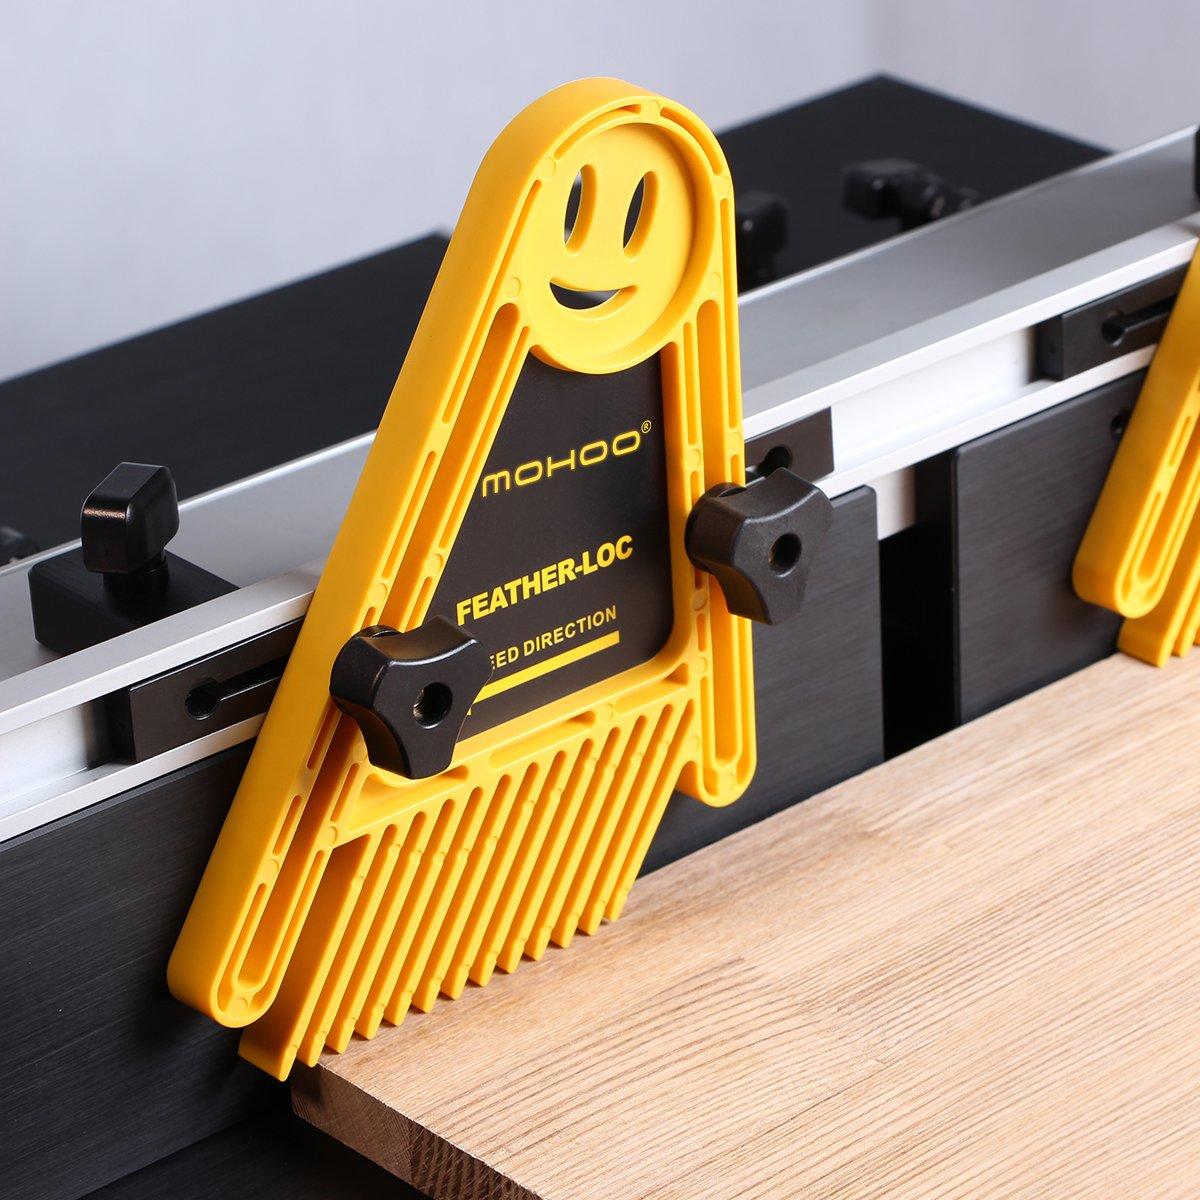 Bohrschablone holz bearbeitung werkzeuge Bohren Locator Set mit Bohrer MOHOO Jig Set Holzd/übel Schraube usw.